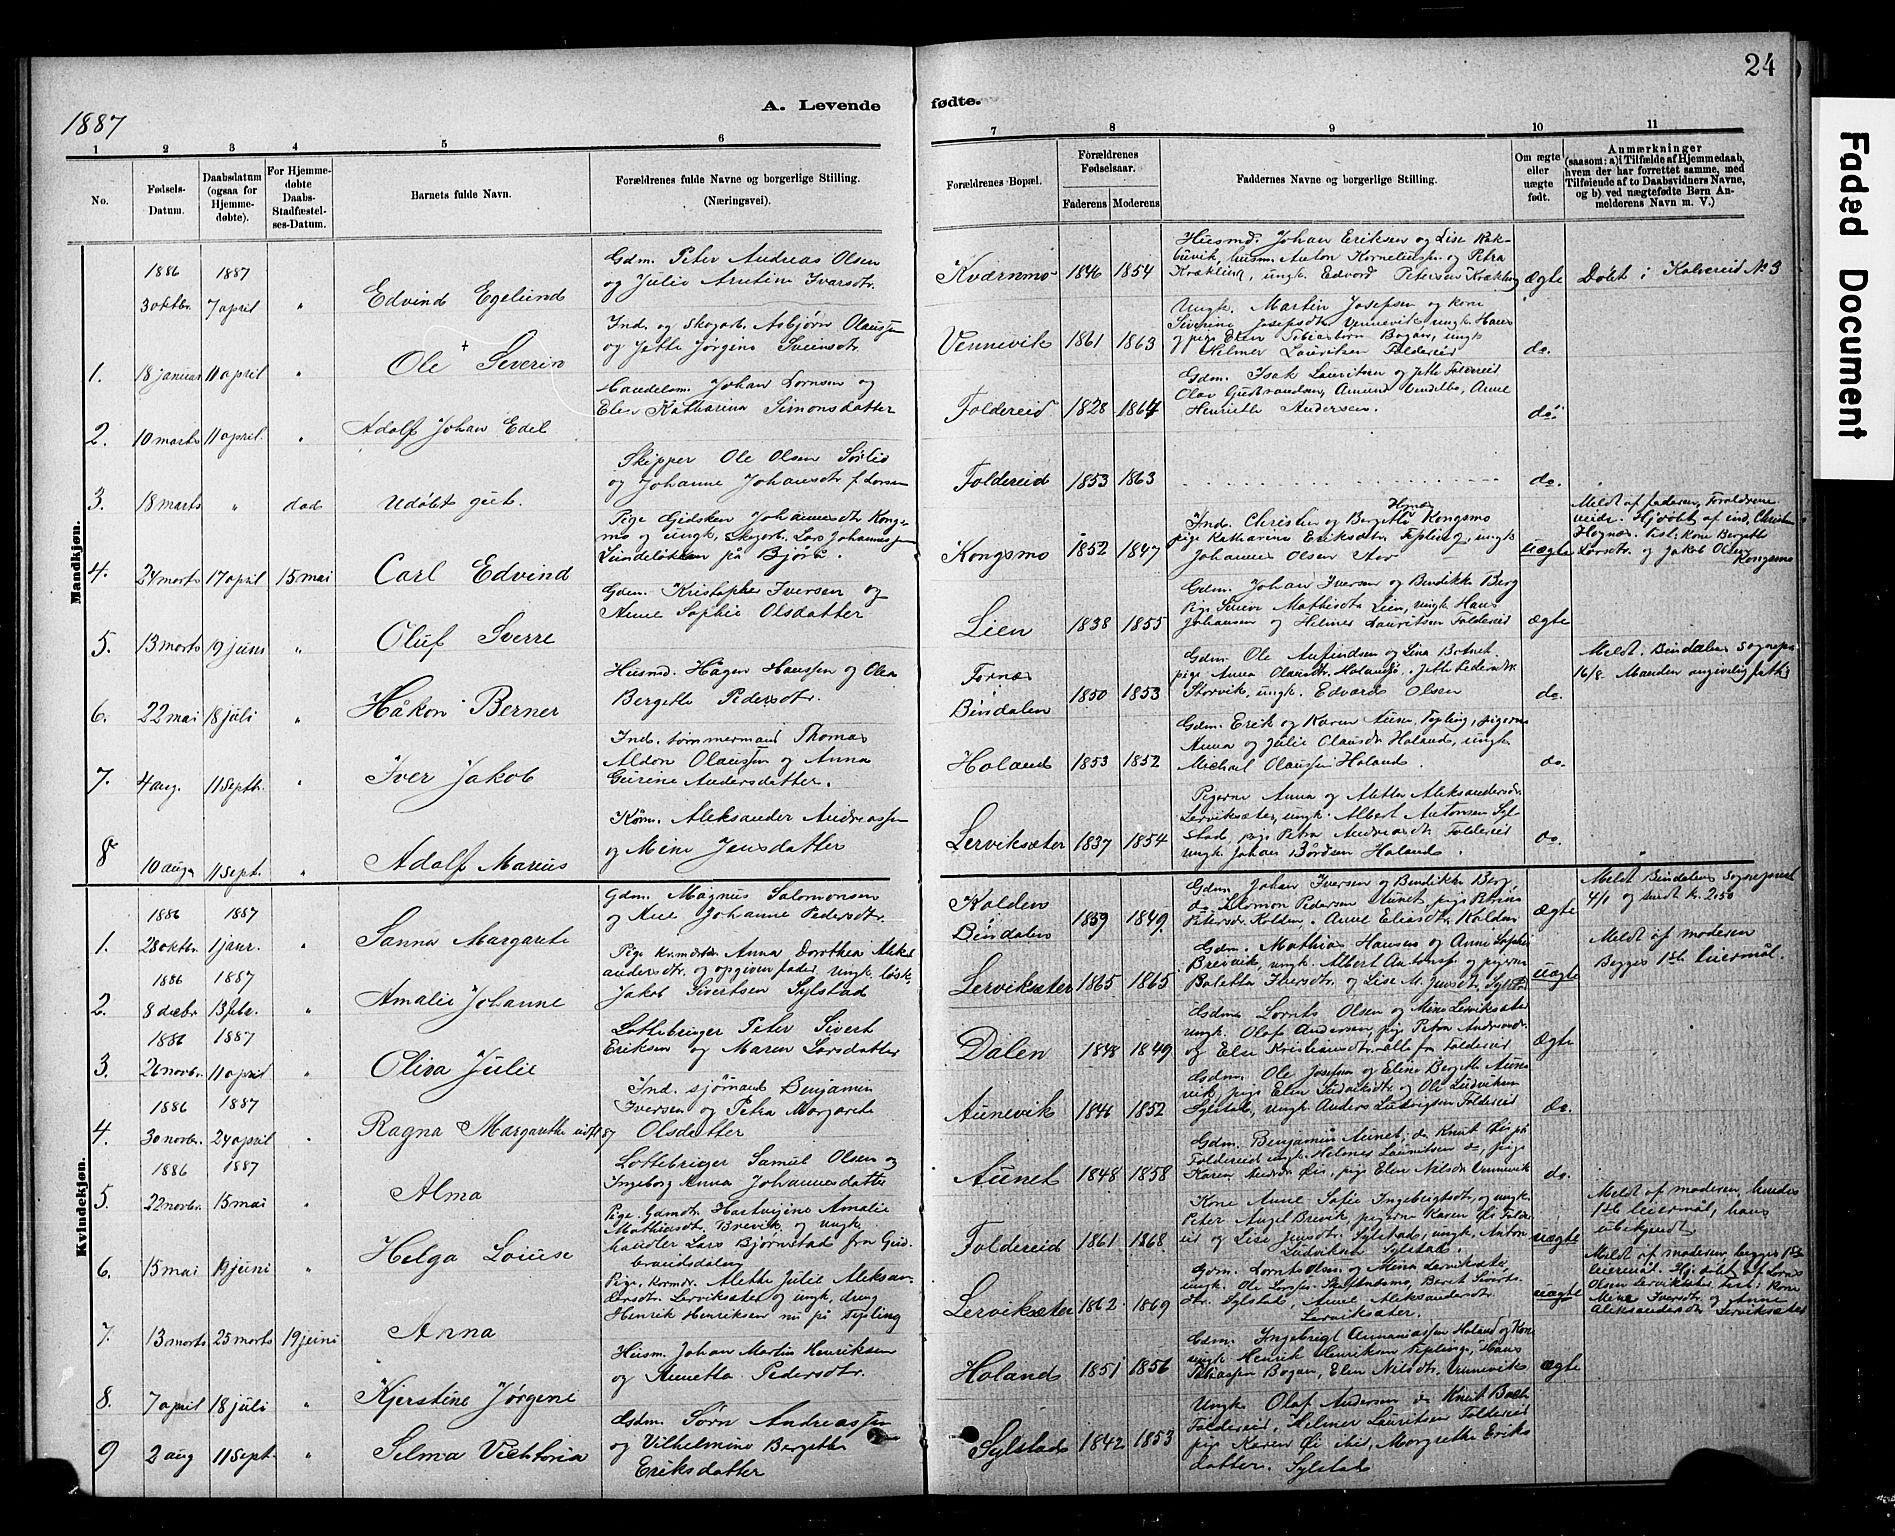 SAT, Ministerialprotokoller, klokkerbøker og fødselsregistre - Nord-Trøndelag, 783/L0661: Klokkerbok nr. 783C01, 1878-1893, s. 24